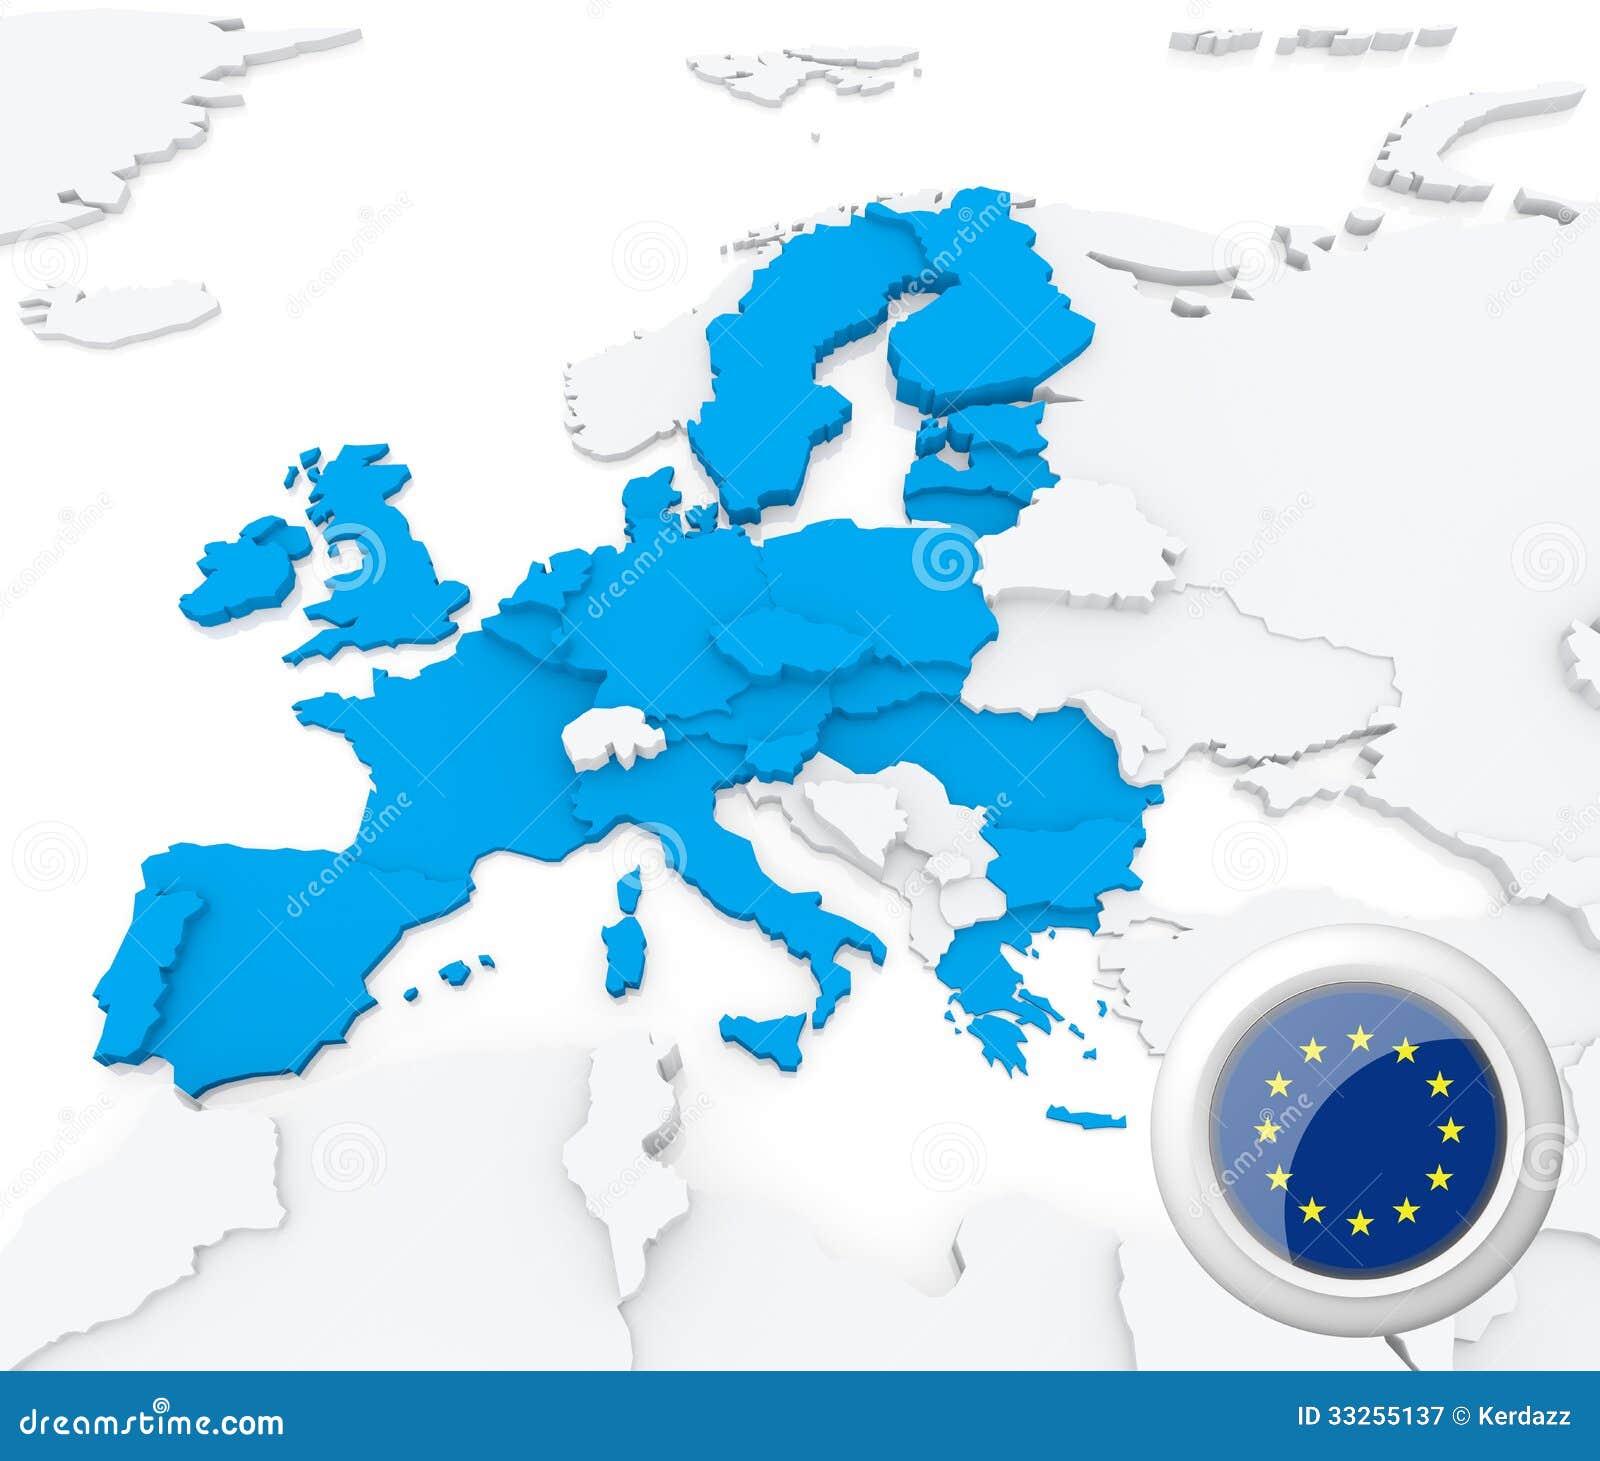 European Union On Map Of Europe Stock Illustration